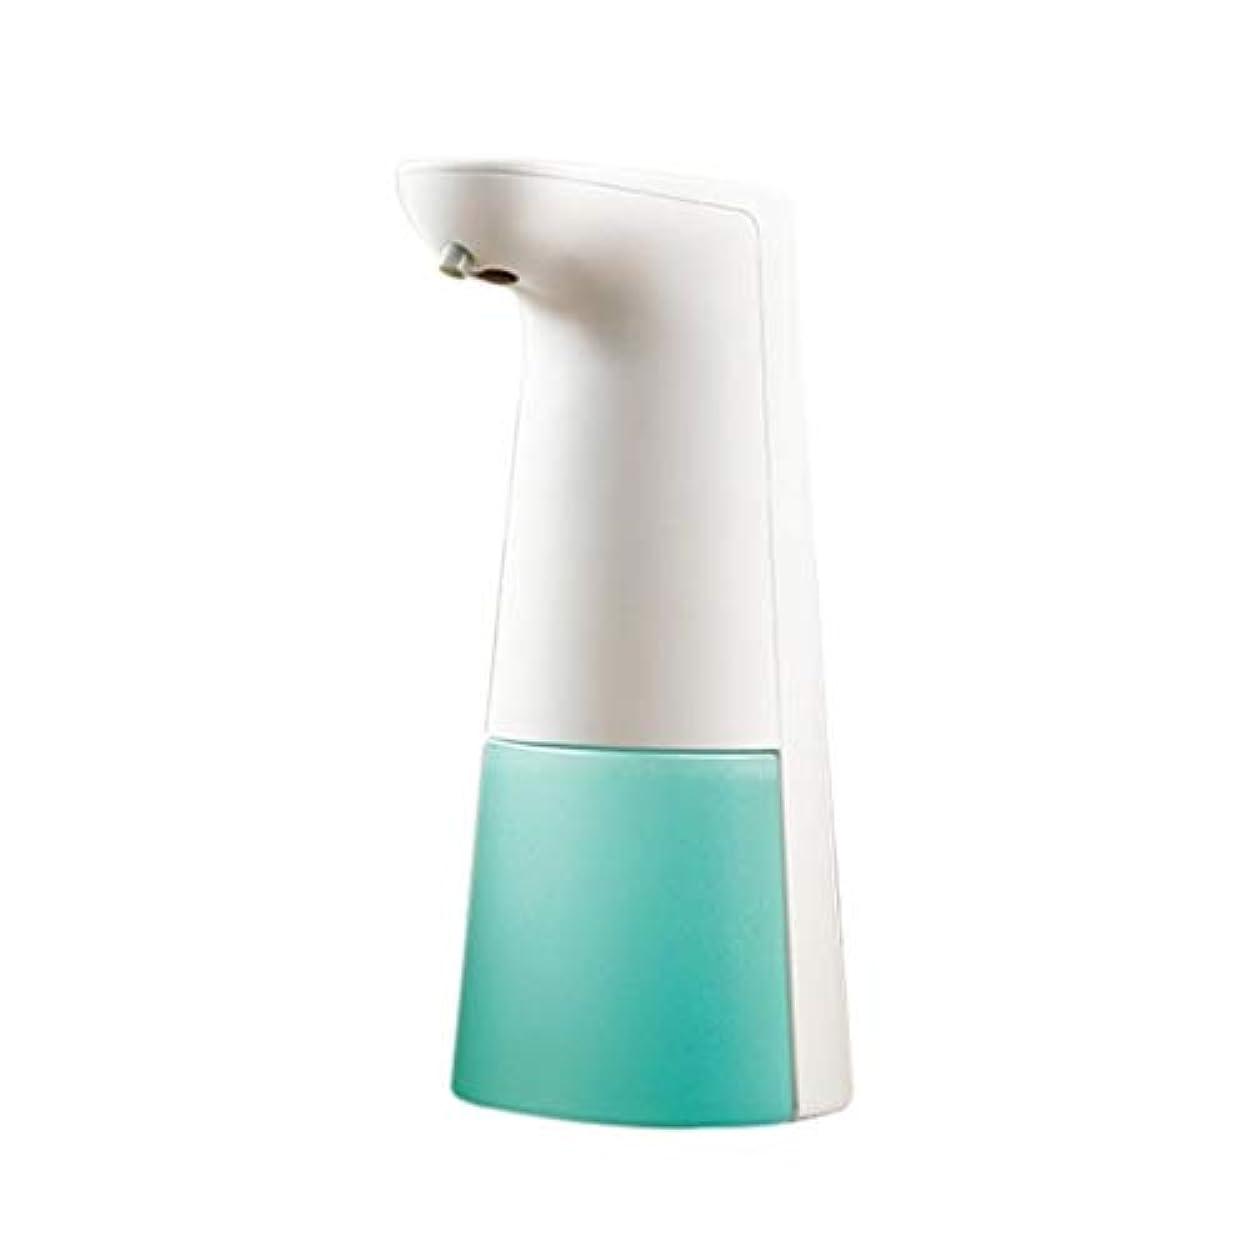 認可手数料不完全な泡の台所浴室の流しの液体石鹸の瓶250mlのプラスチック石鹸箱のローション(色:白、サイズ:20.4 * 11.6 * 8.9cm) (Color : White, Size : 20.4*11.6*8.9cm)